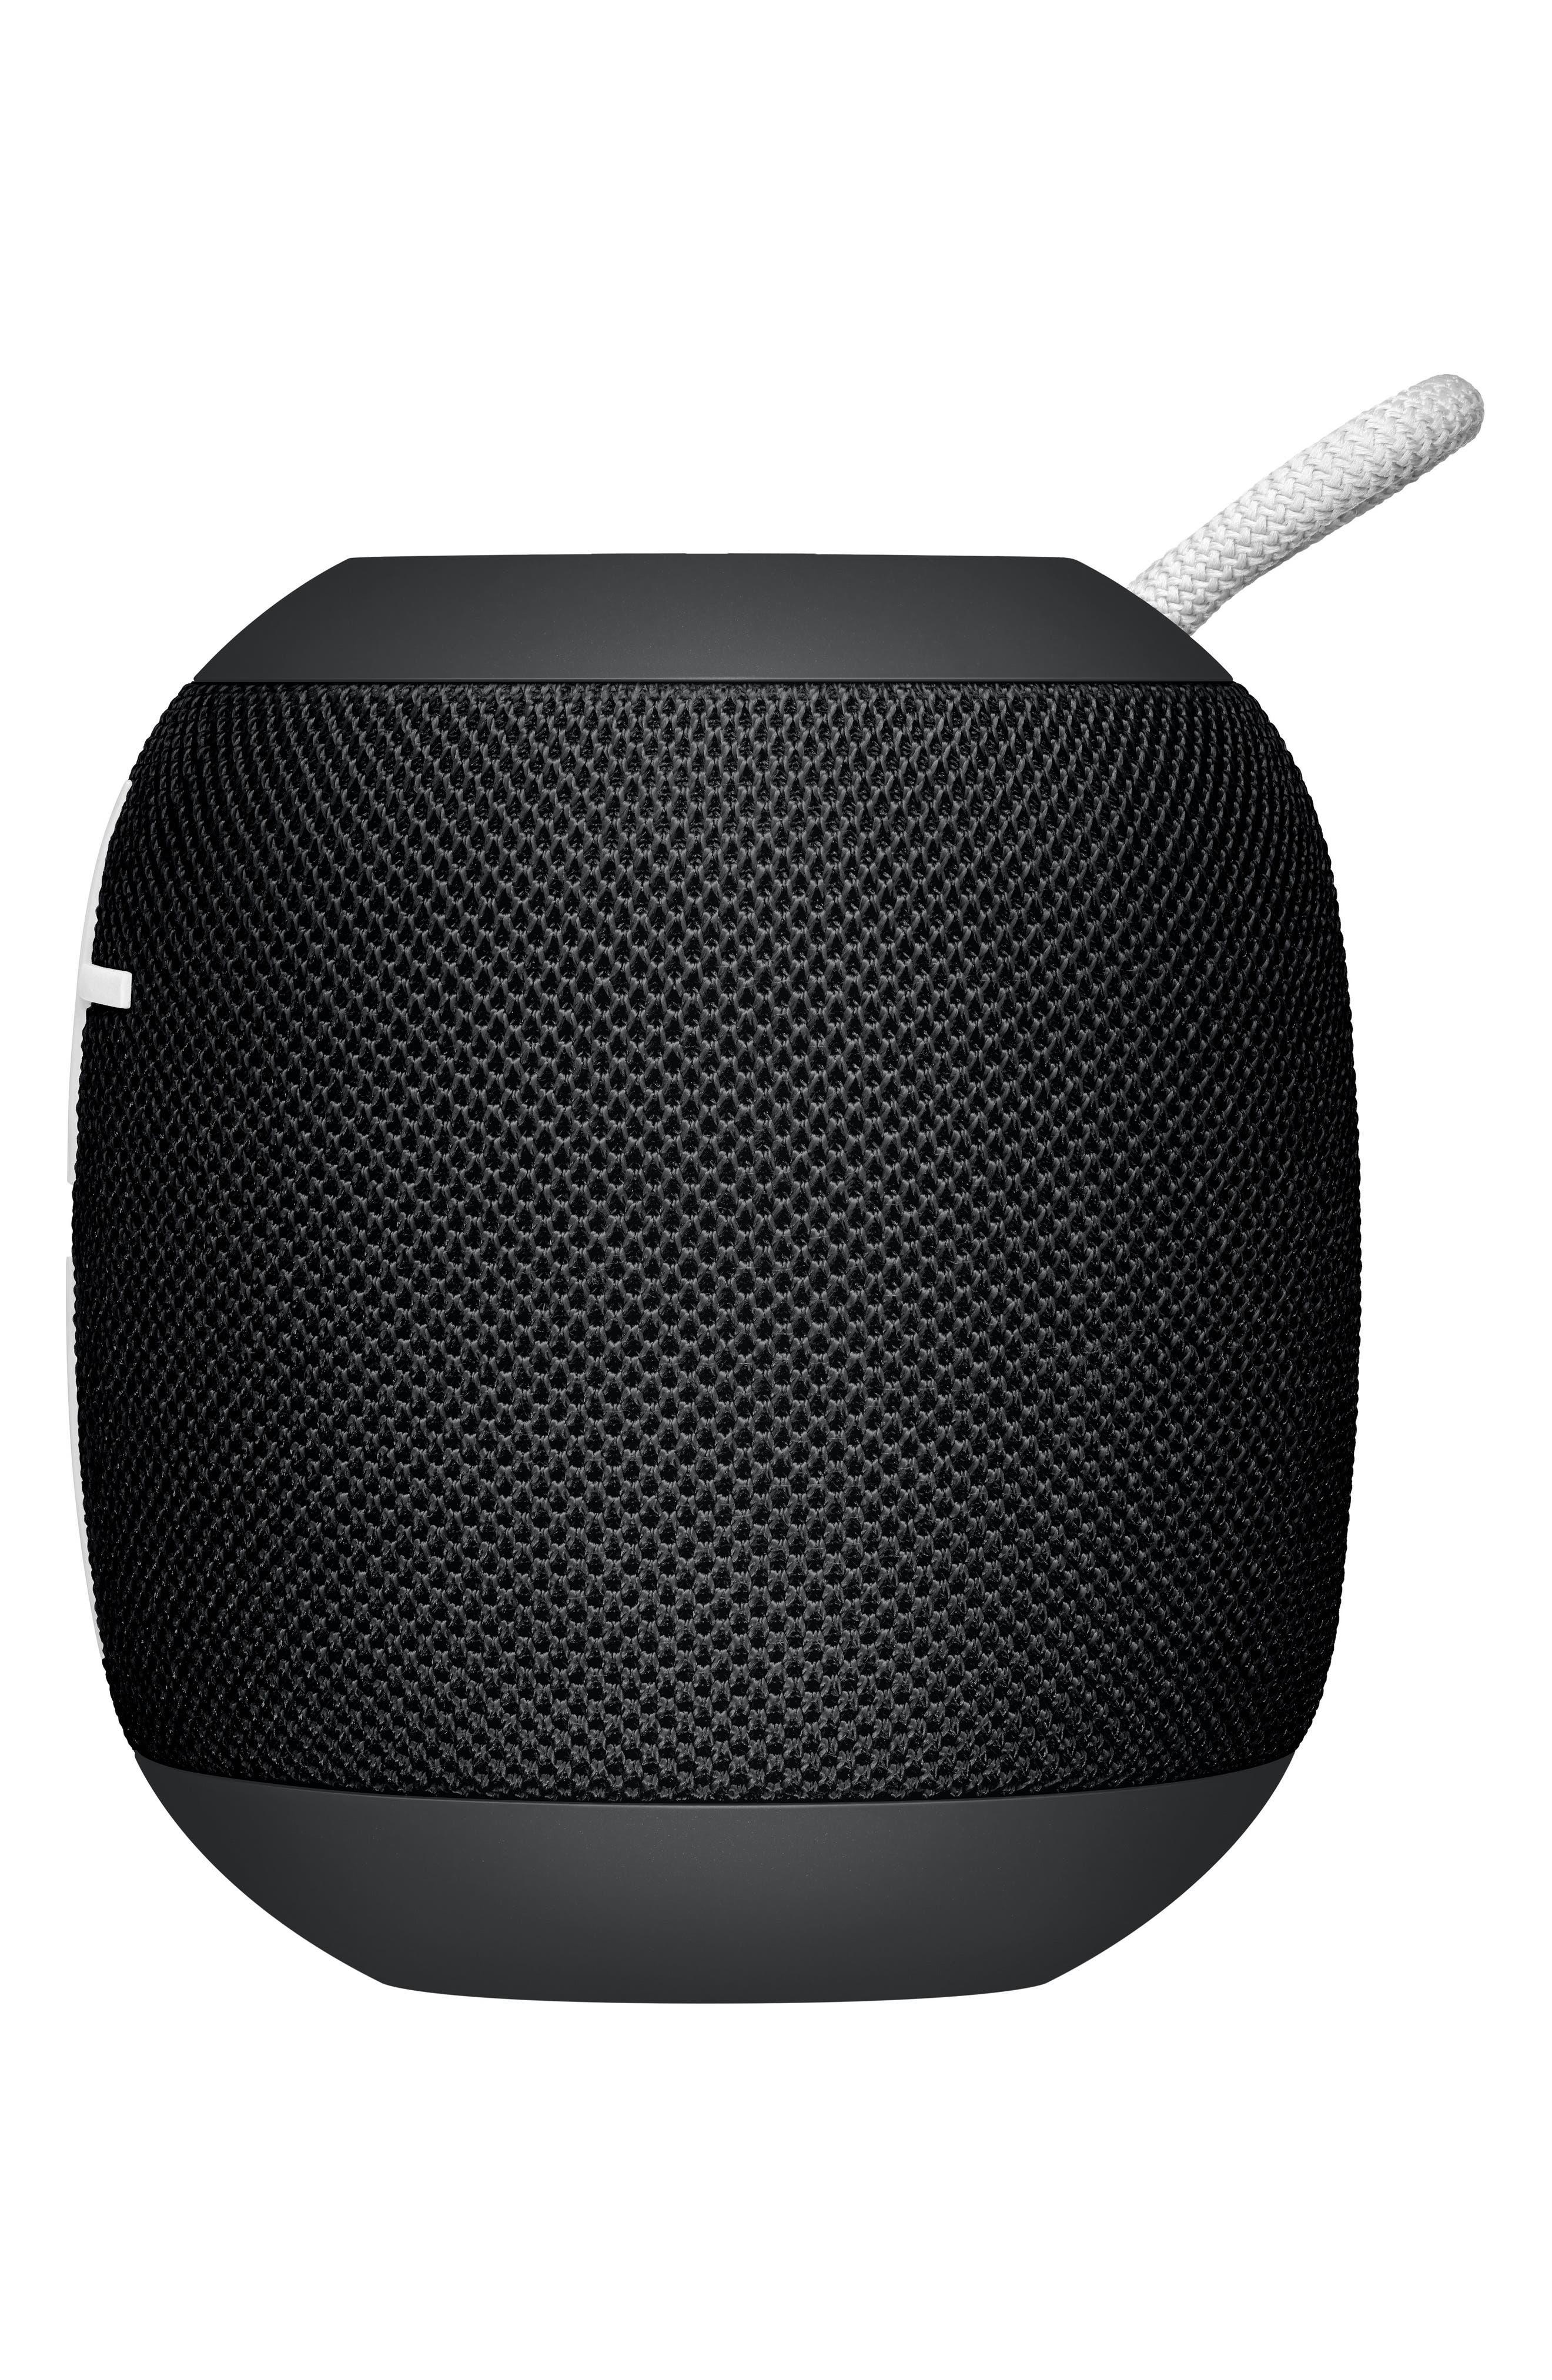 Ultimate Ears Wonderboom Portable Waterproof Bluetooth Speaker,                         Main,                         color, Phantom Black